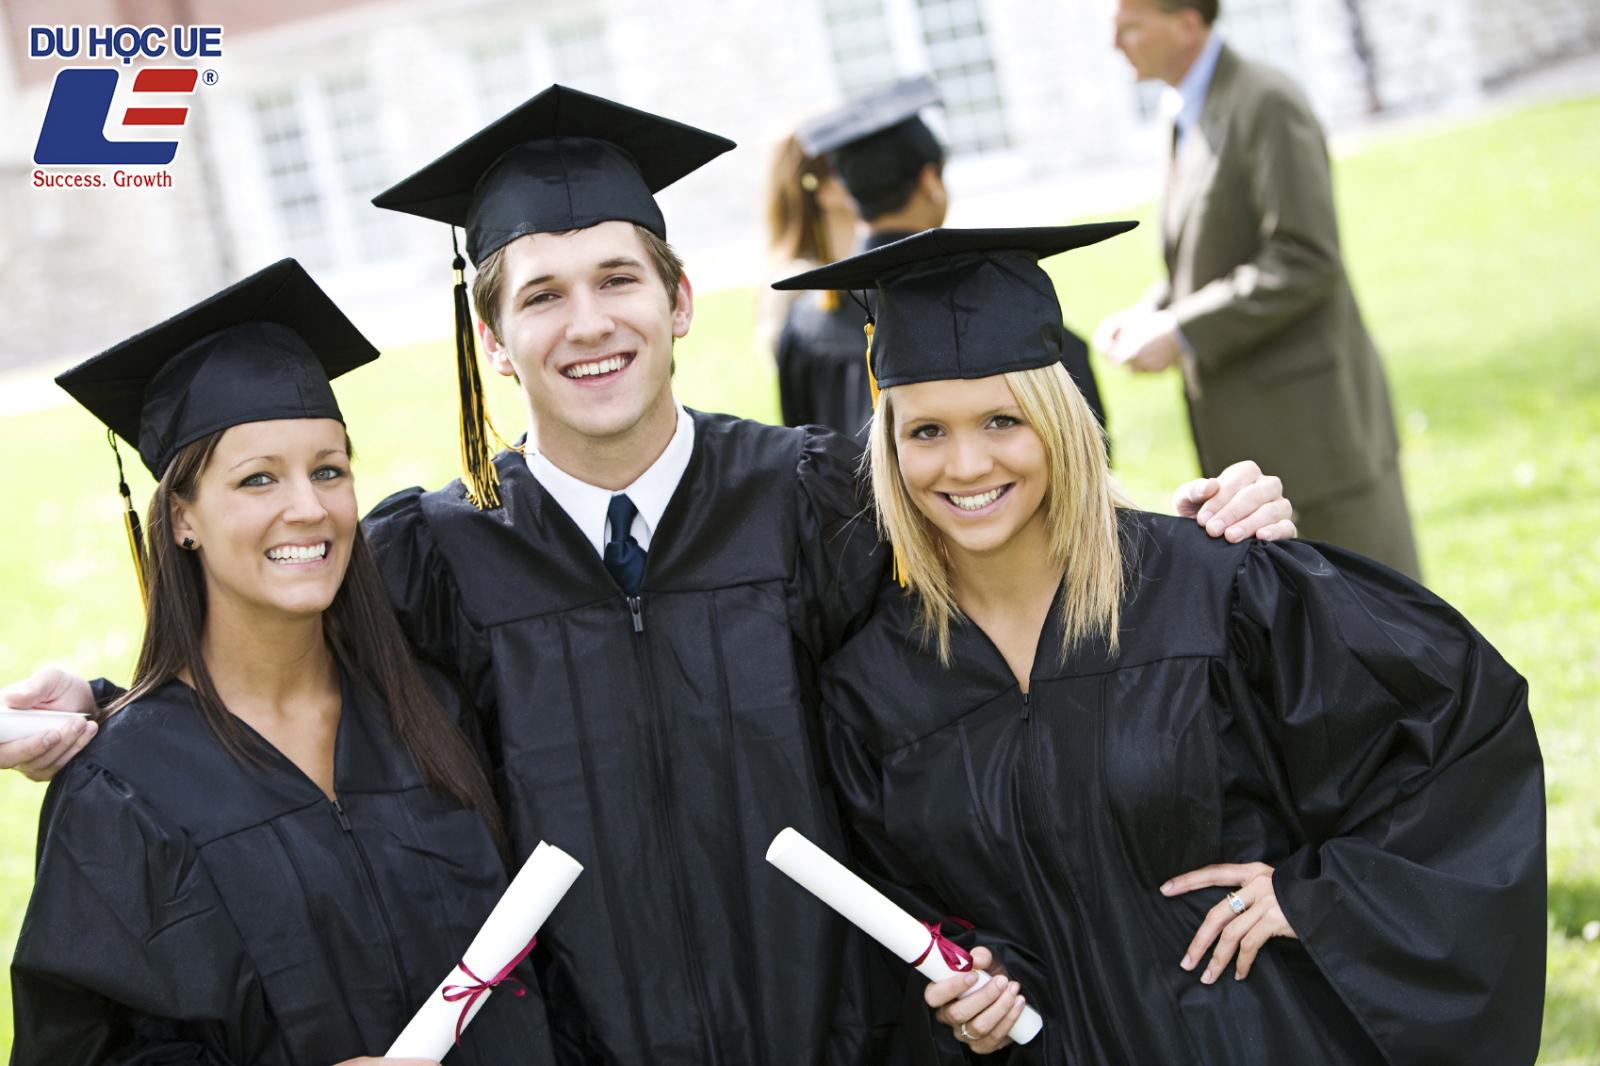 Du học Anh hiện nay tốn bao nhiêu tiền?